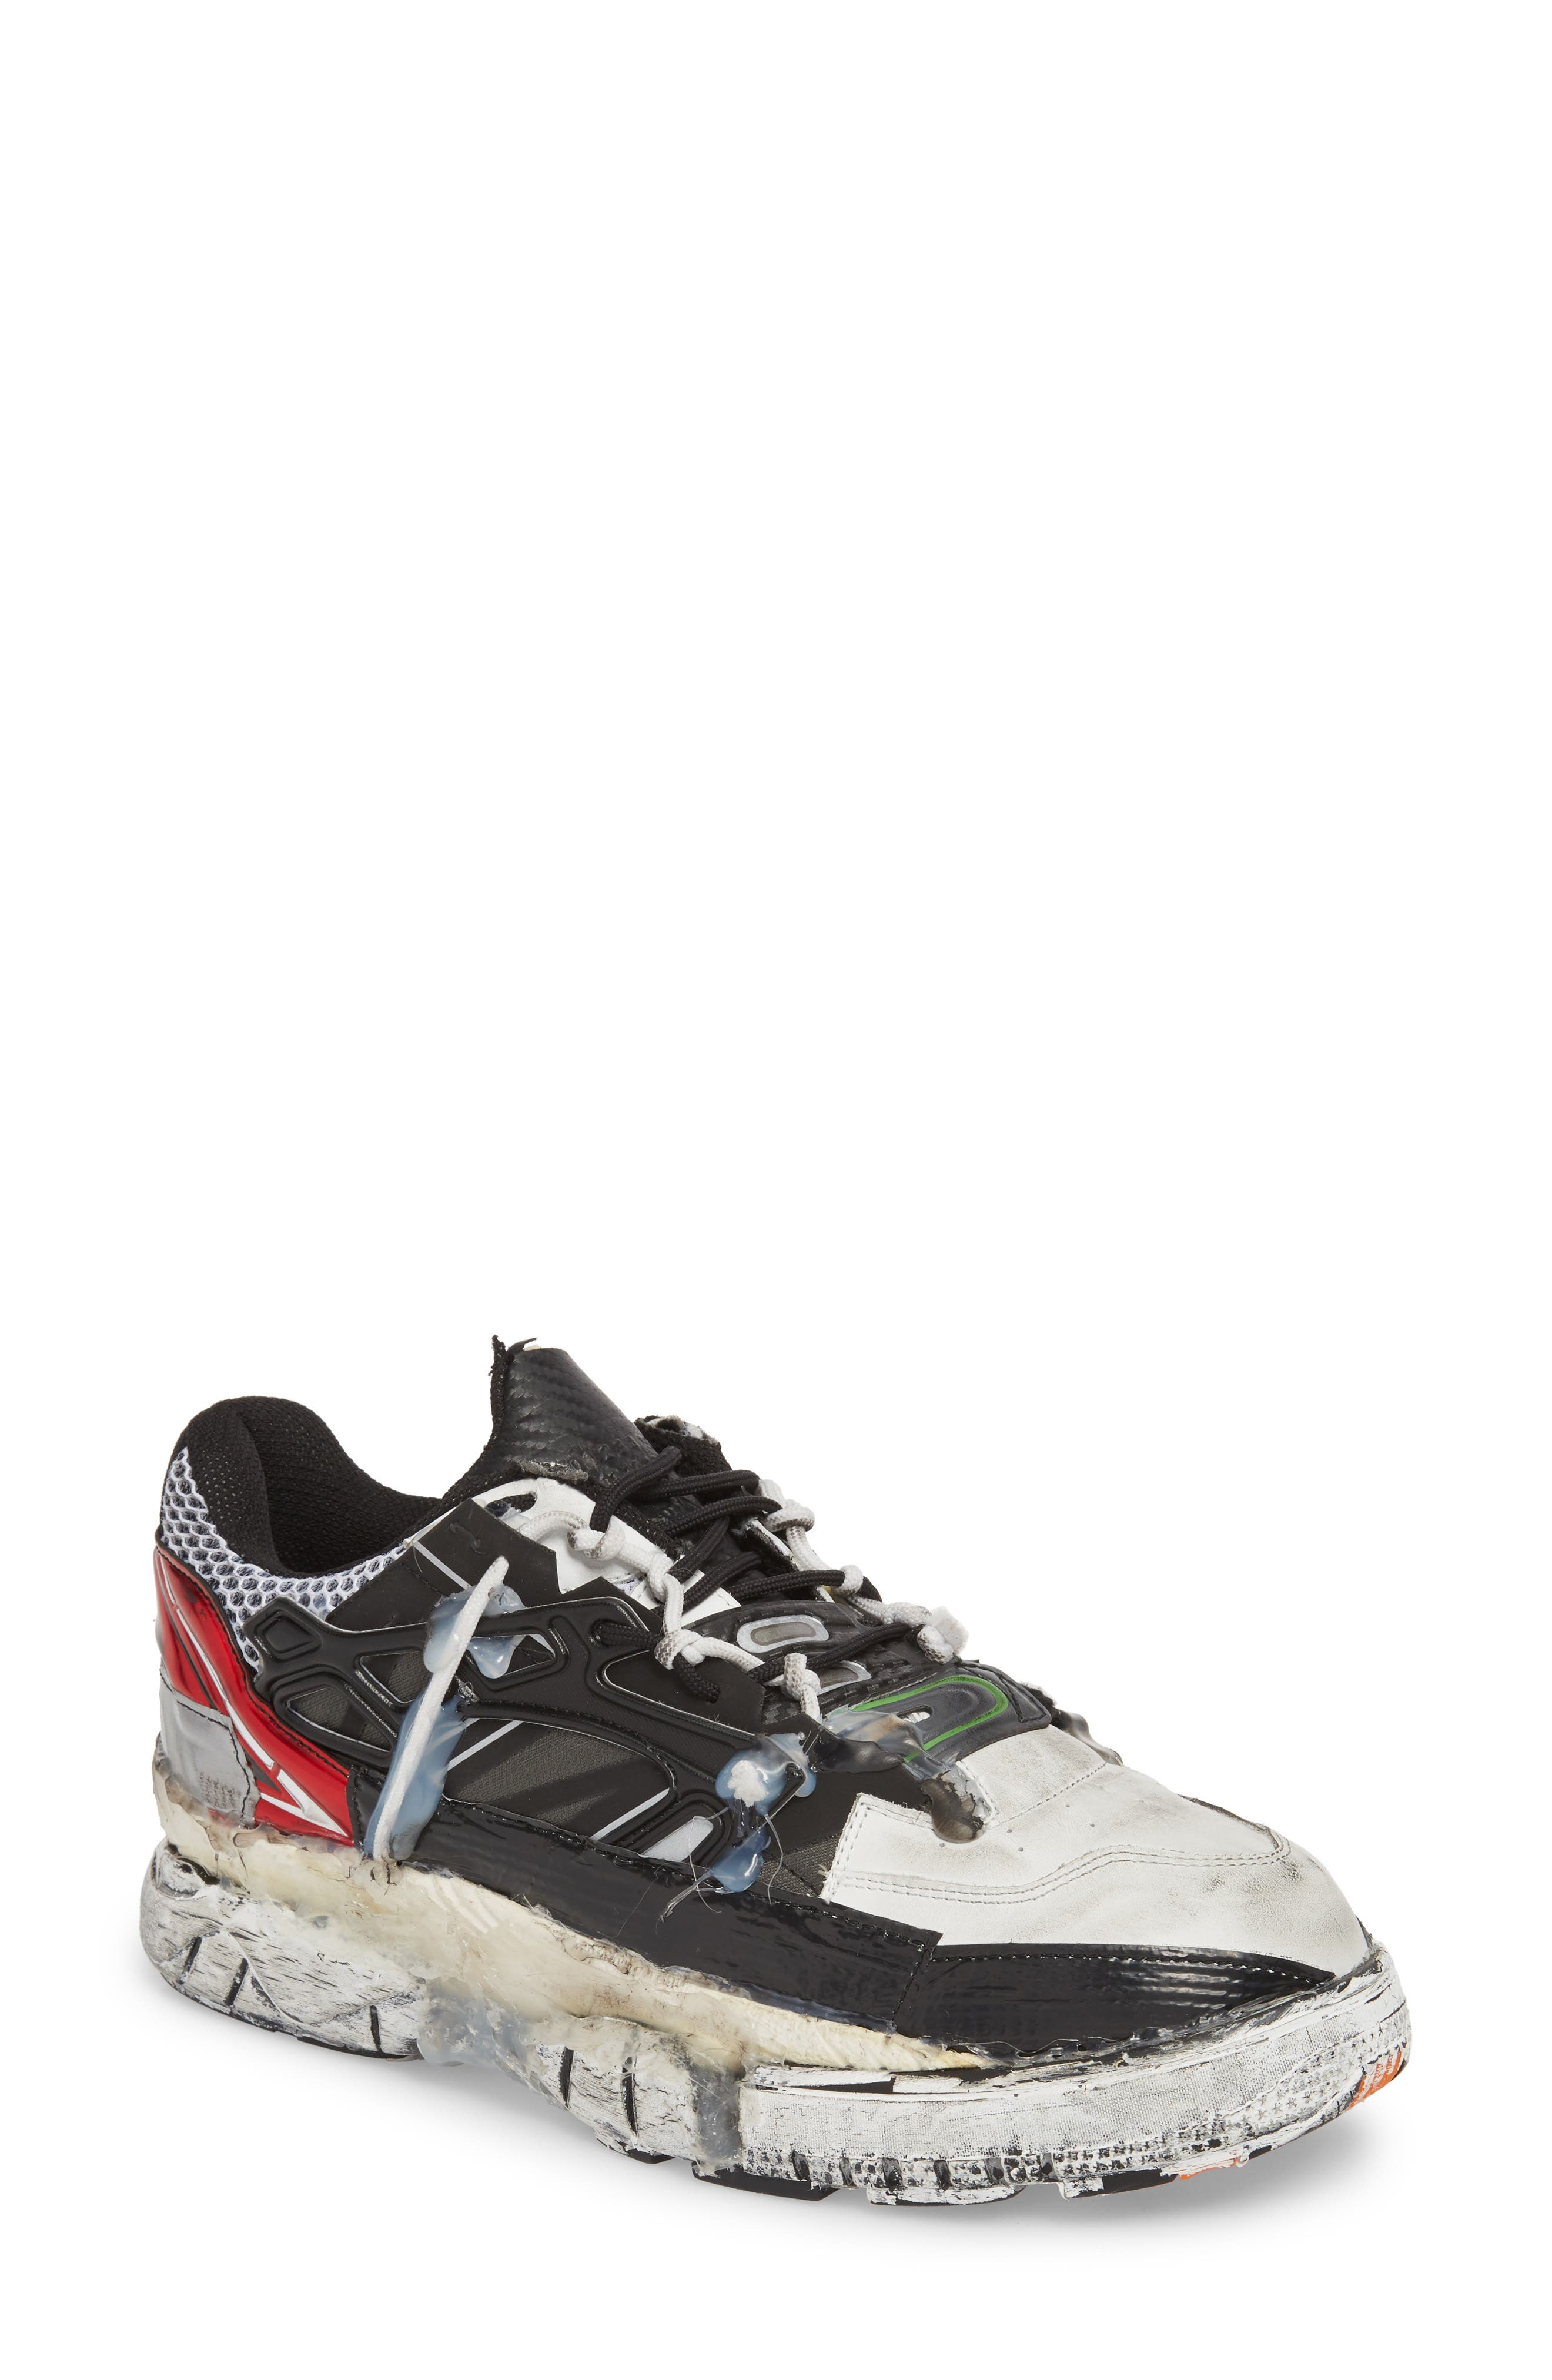 Maison Margiela Fusion Sneaker,                         Main,                         color, UNIQUE VARIANT